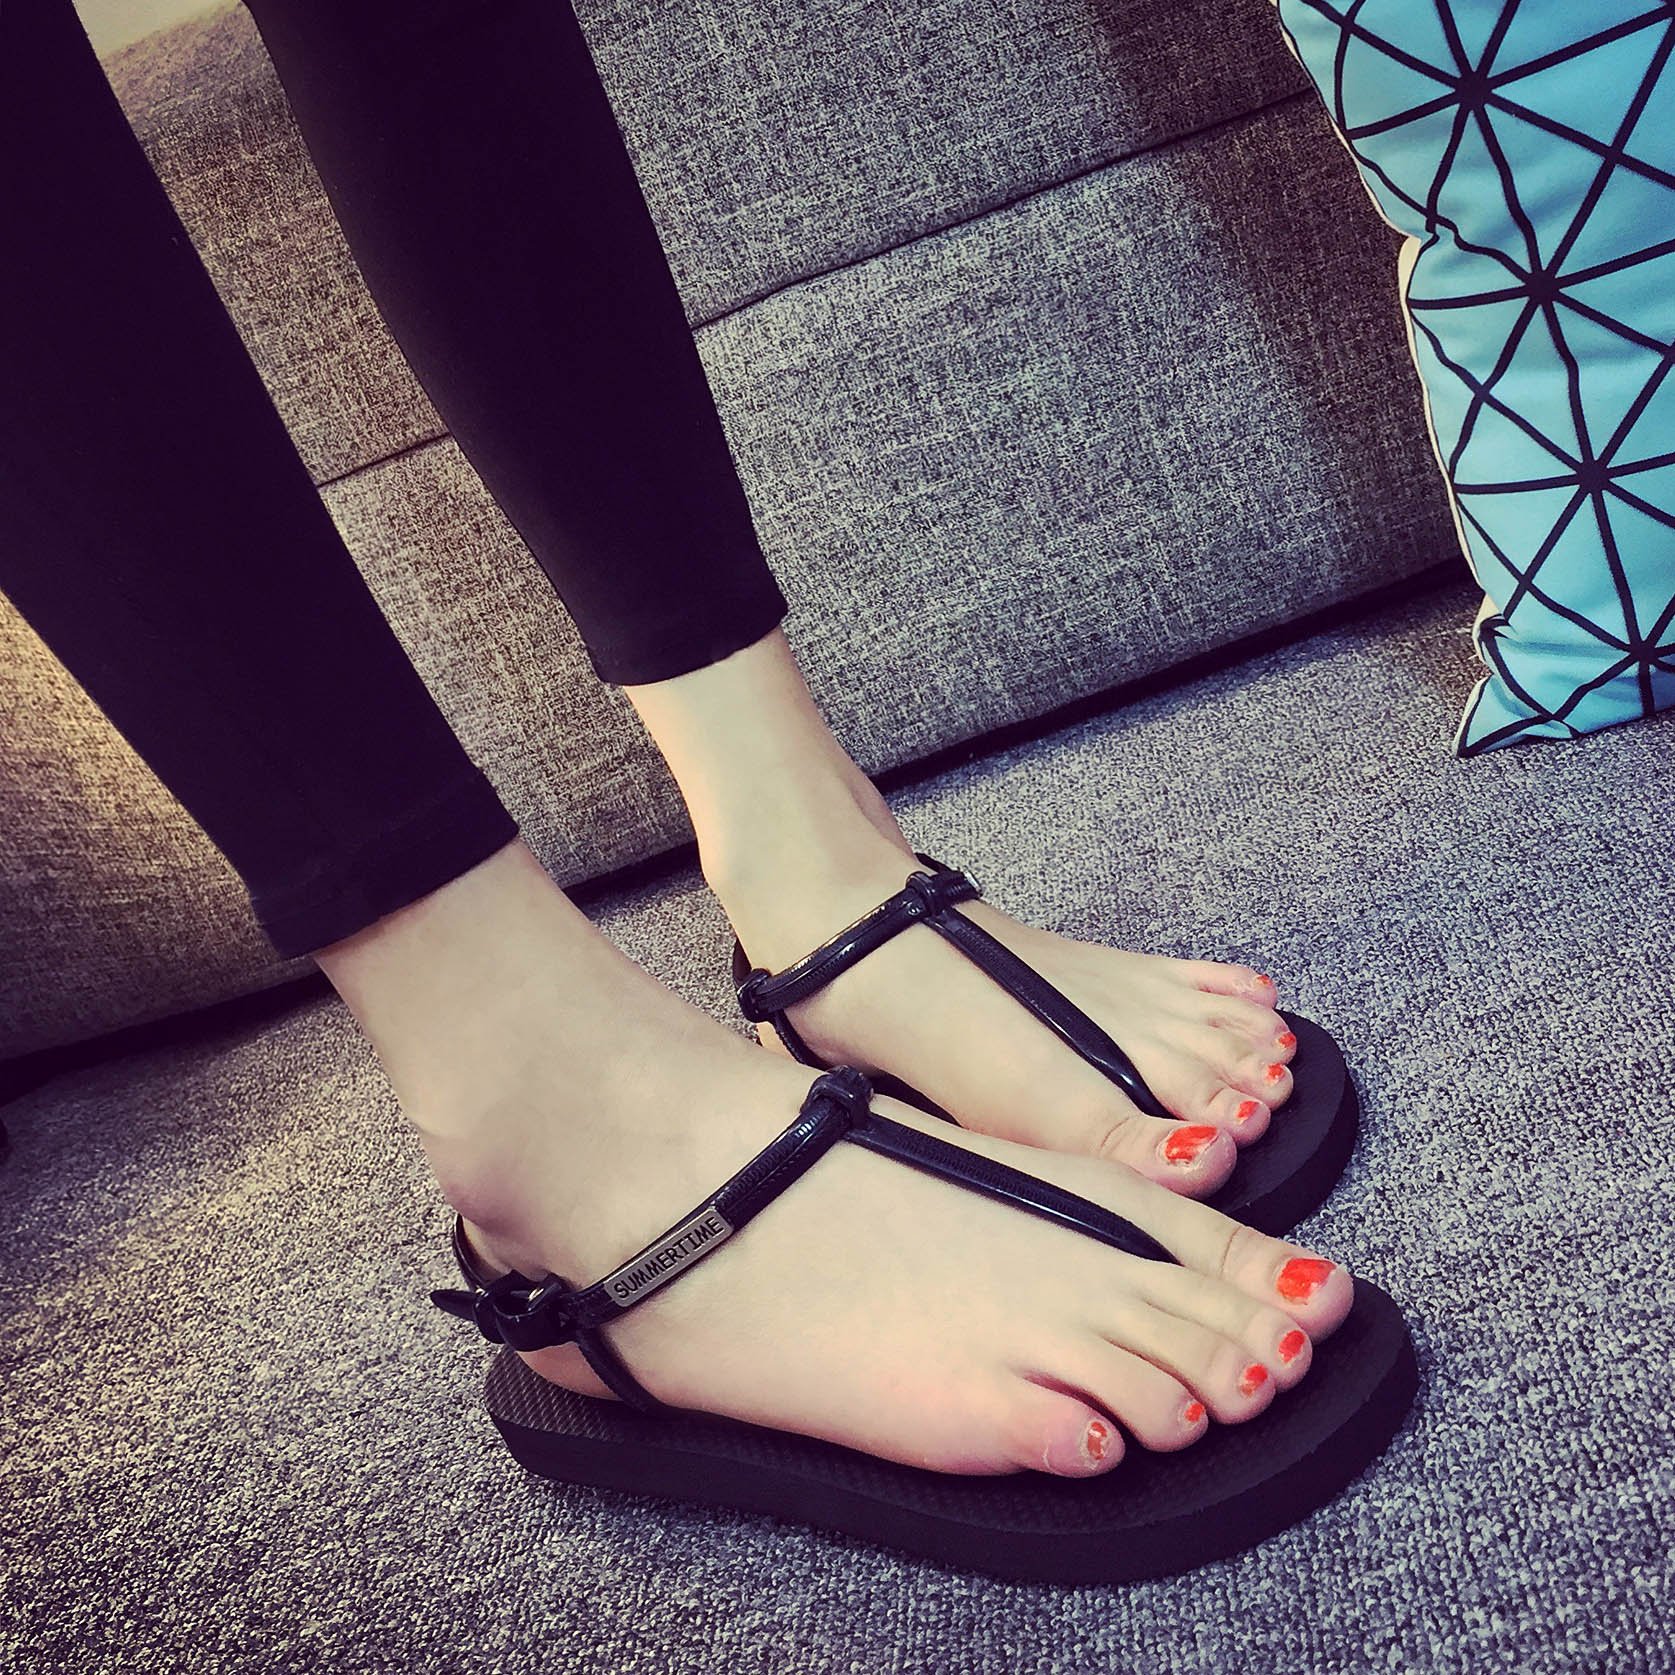 罗马鞋 包邮新品罗马平底夹脚人字拖鞋女夏韩版时尚学生凉鞋沙滩防滑女鞋_推荐淘宝好看的女罗马鞋